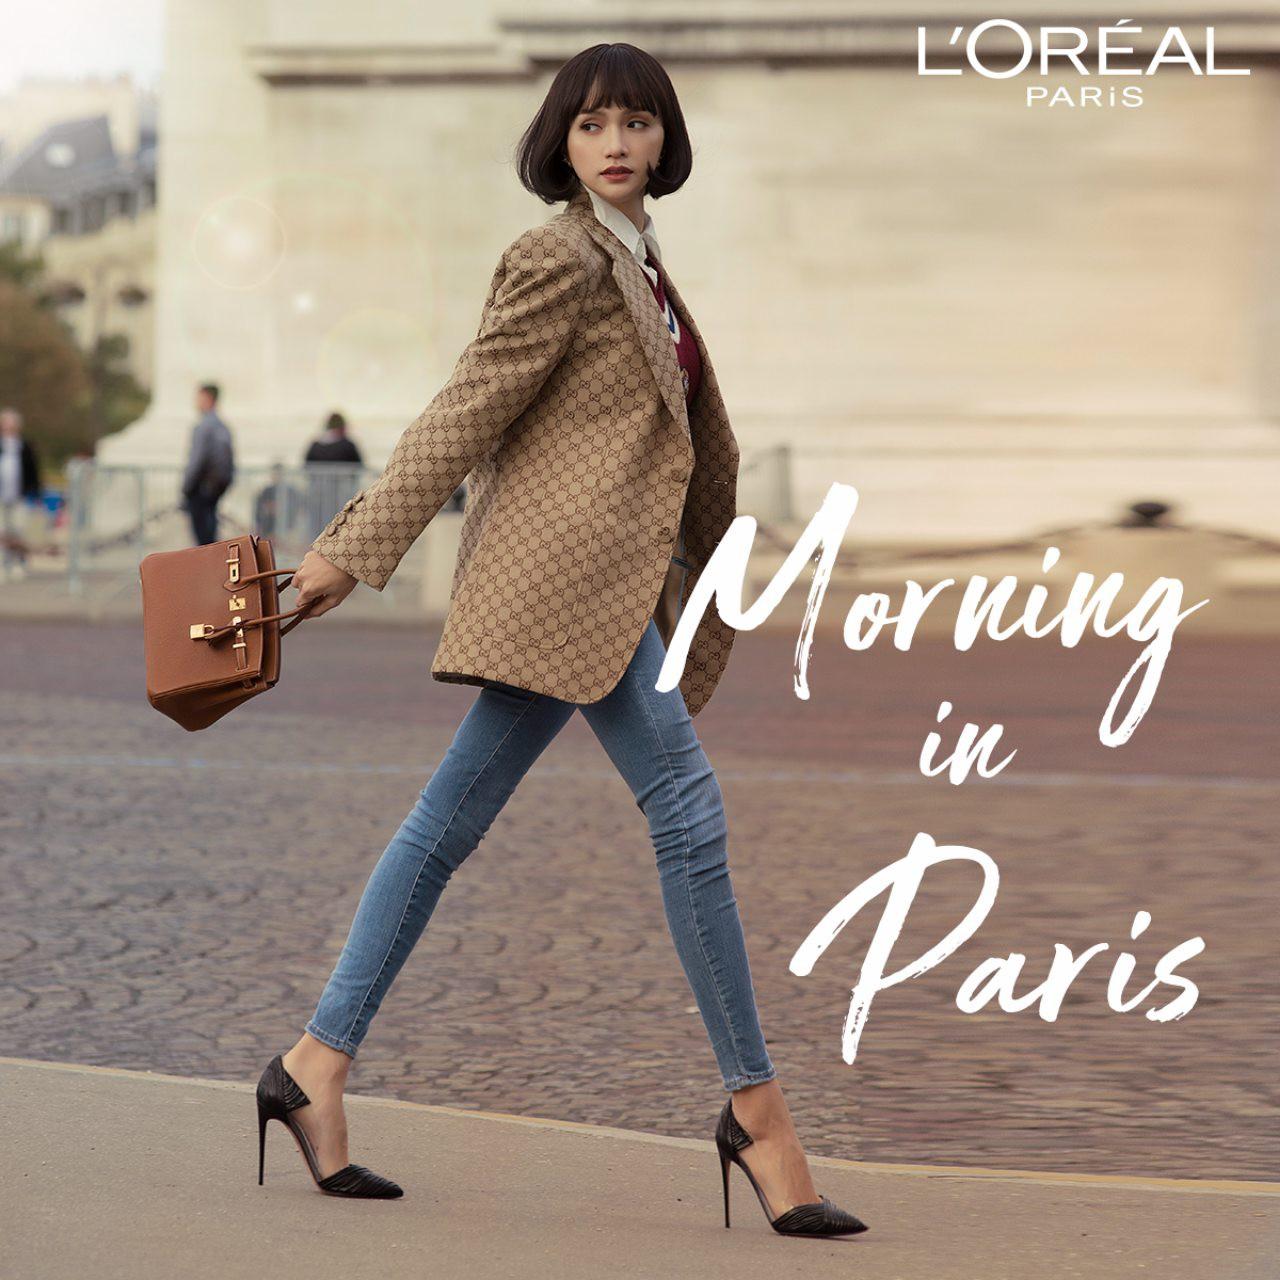 """Ngắm Hương Giang ở Paris, cả hội tín đồ làm đẹp đều muốn gọi tên cây son """"chân ái"""" mà chị đẹp dùng! - Ảnh 3."""